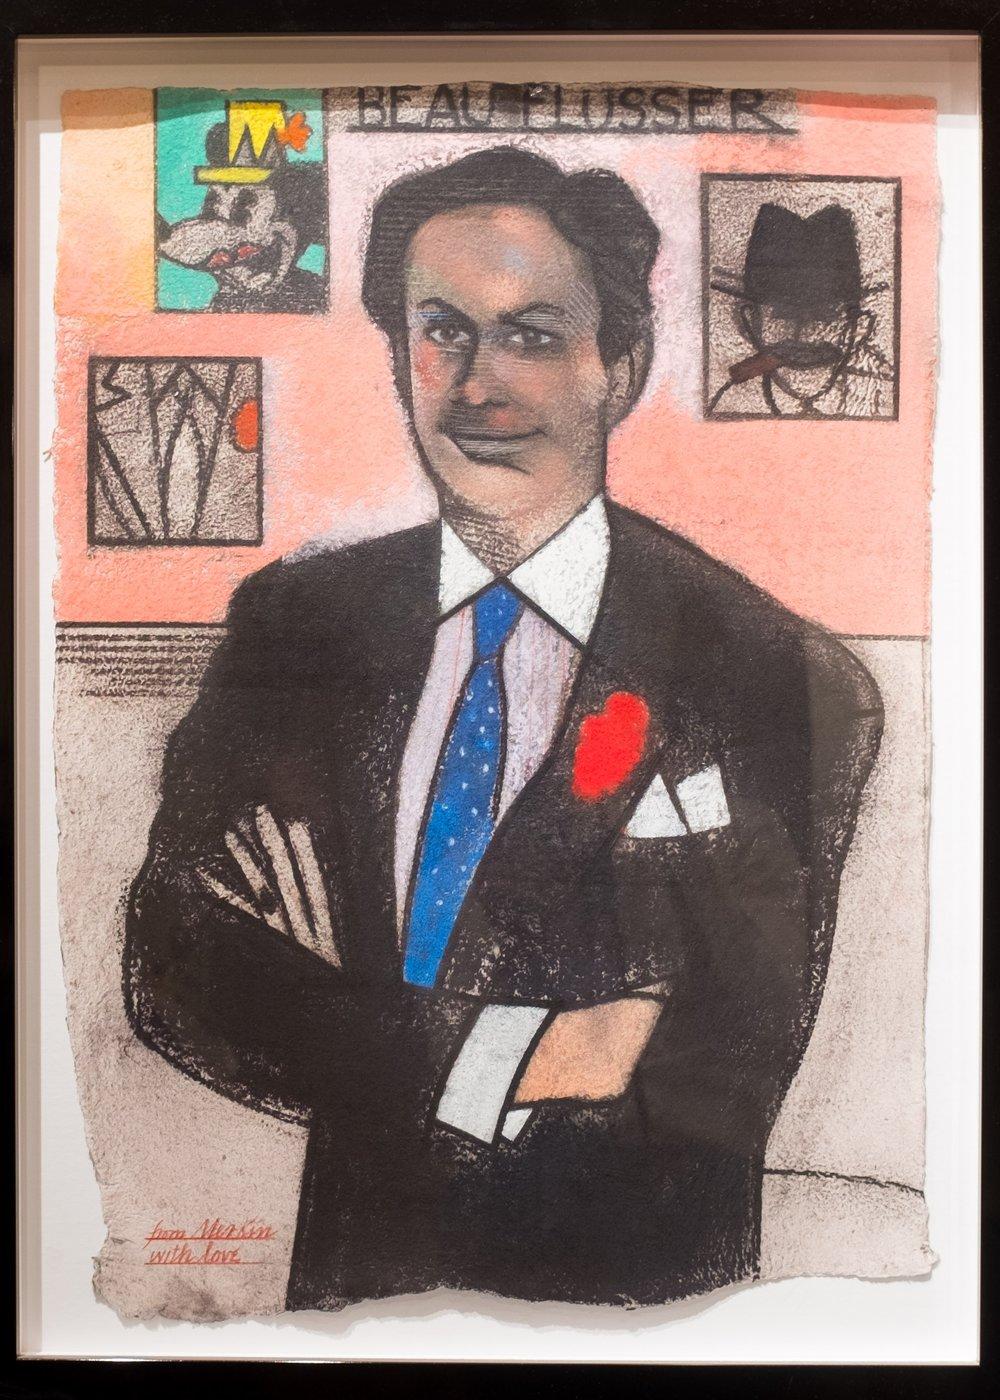 Merkin's portrait of Alan - hanging in the showroom of the custom shop.